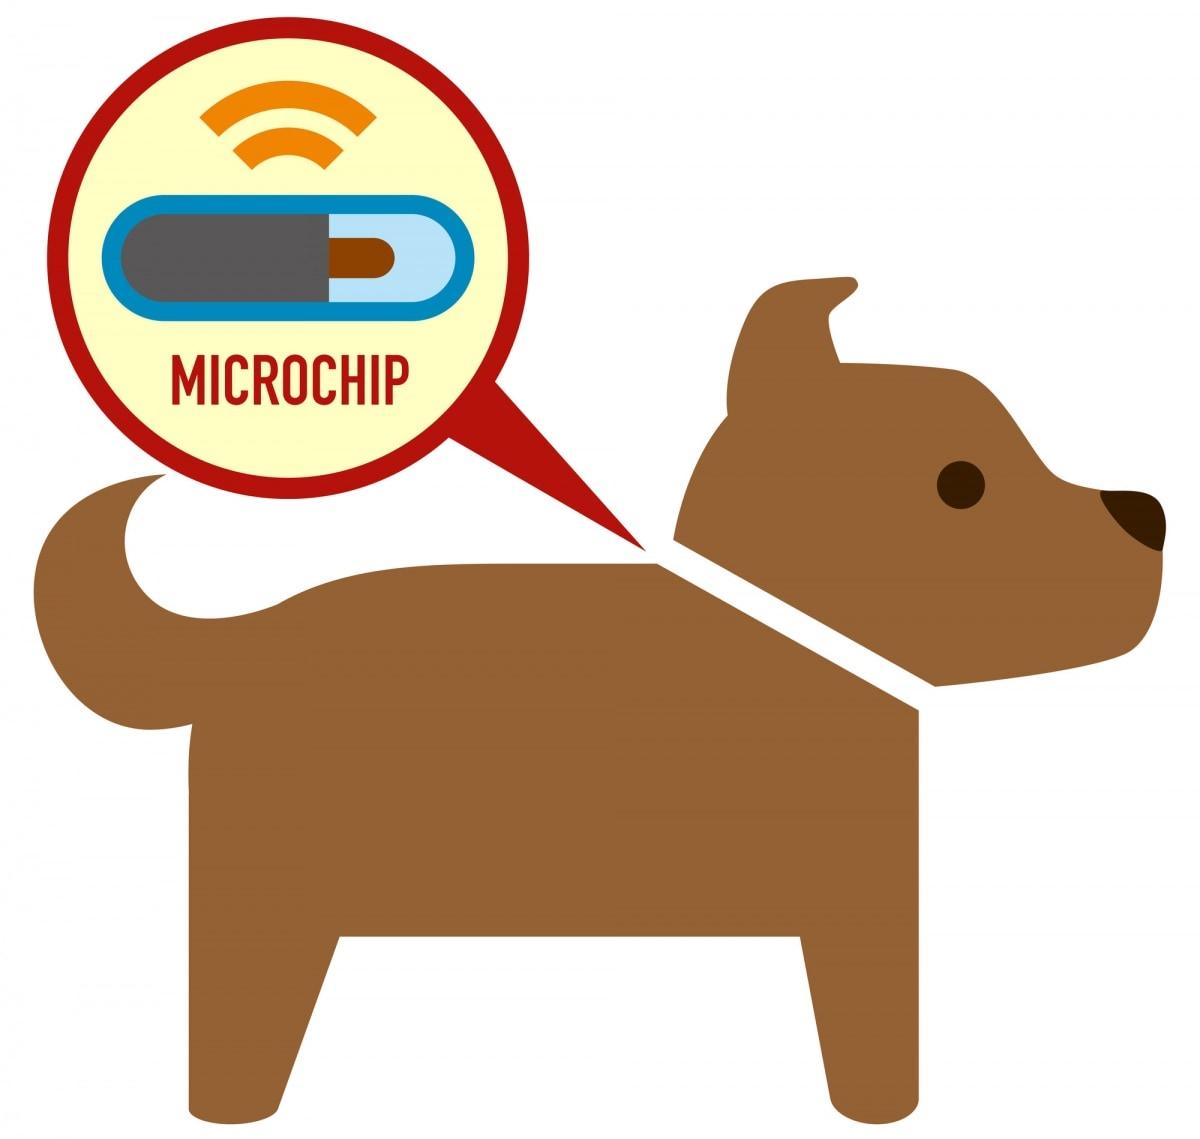 1. Microchips